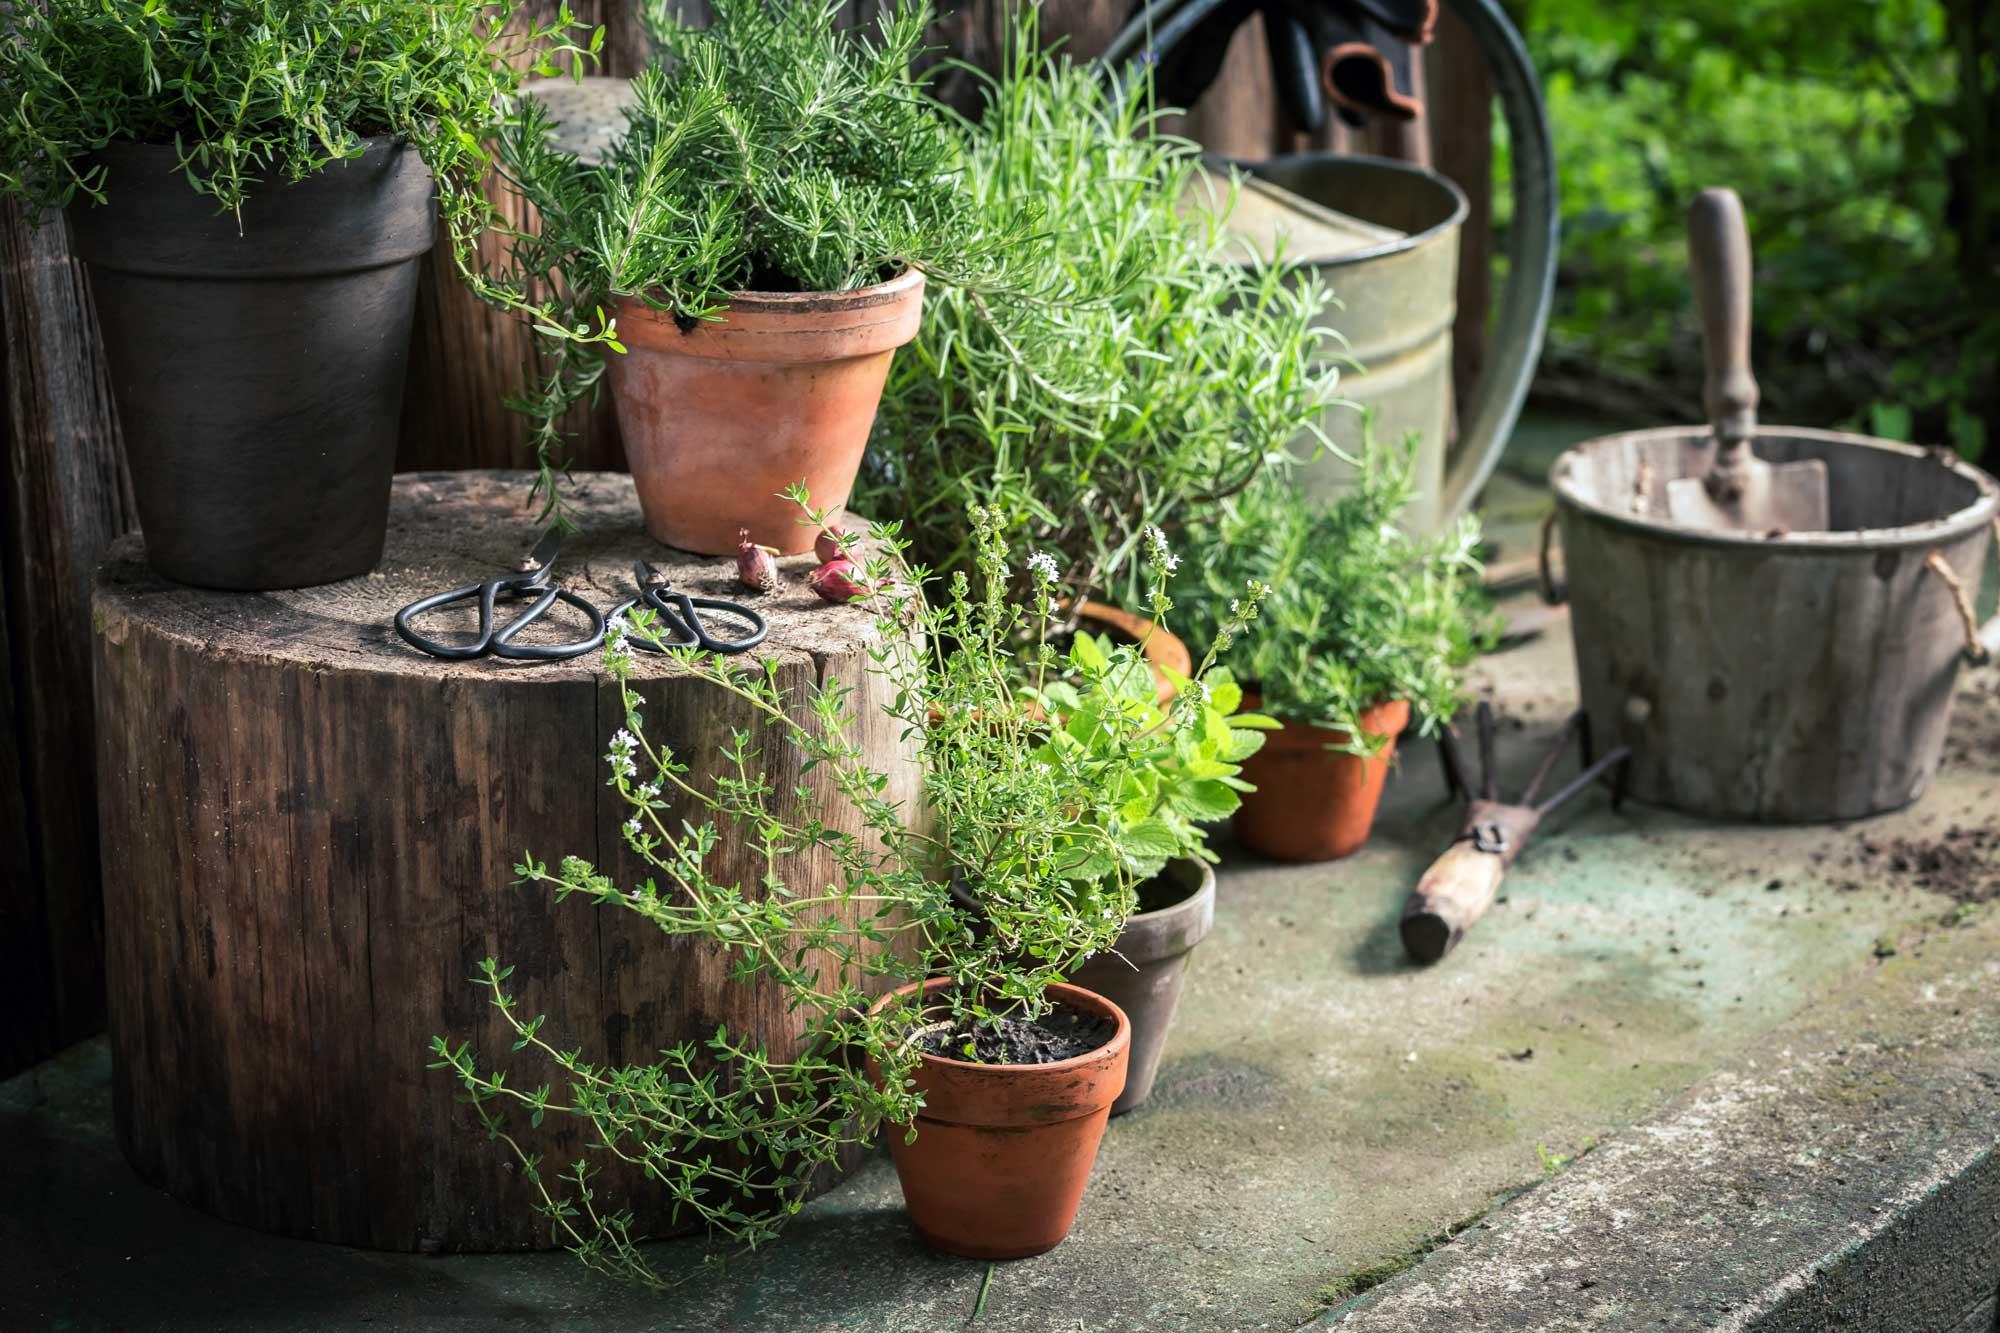 Planiranje vrta: Priprema za proljetno uređenje okućnice smještajnog objekta